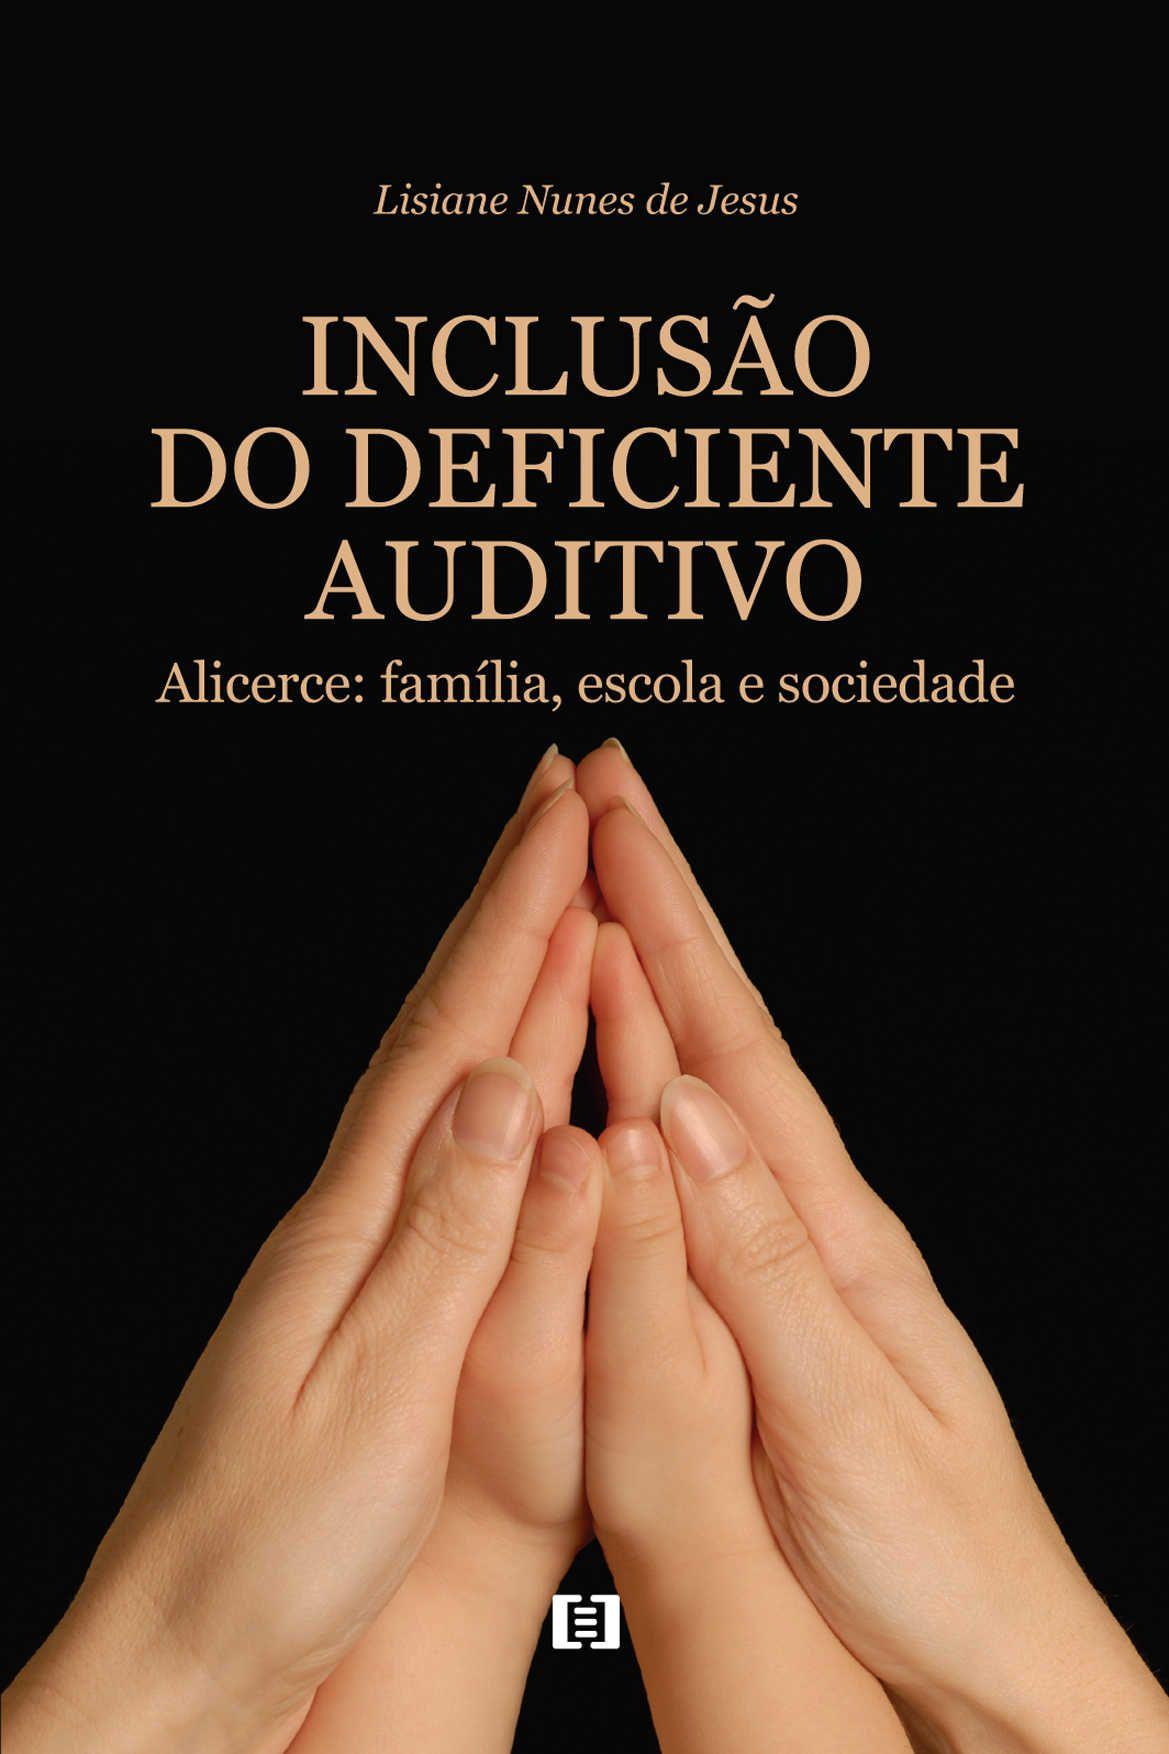 Inclusão do Deficiente Auditivo: Alicerce: família, escola e sociedade